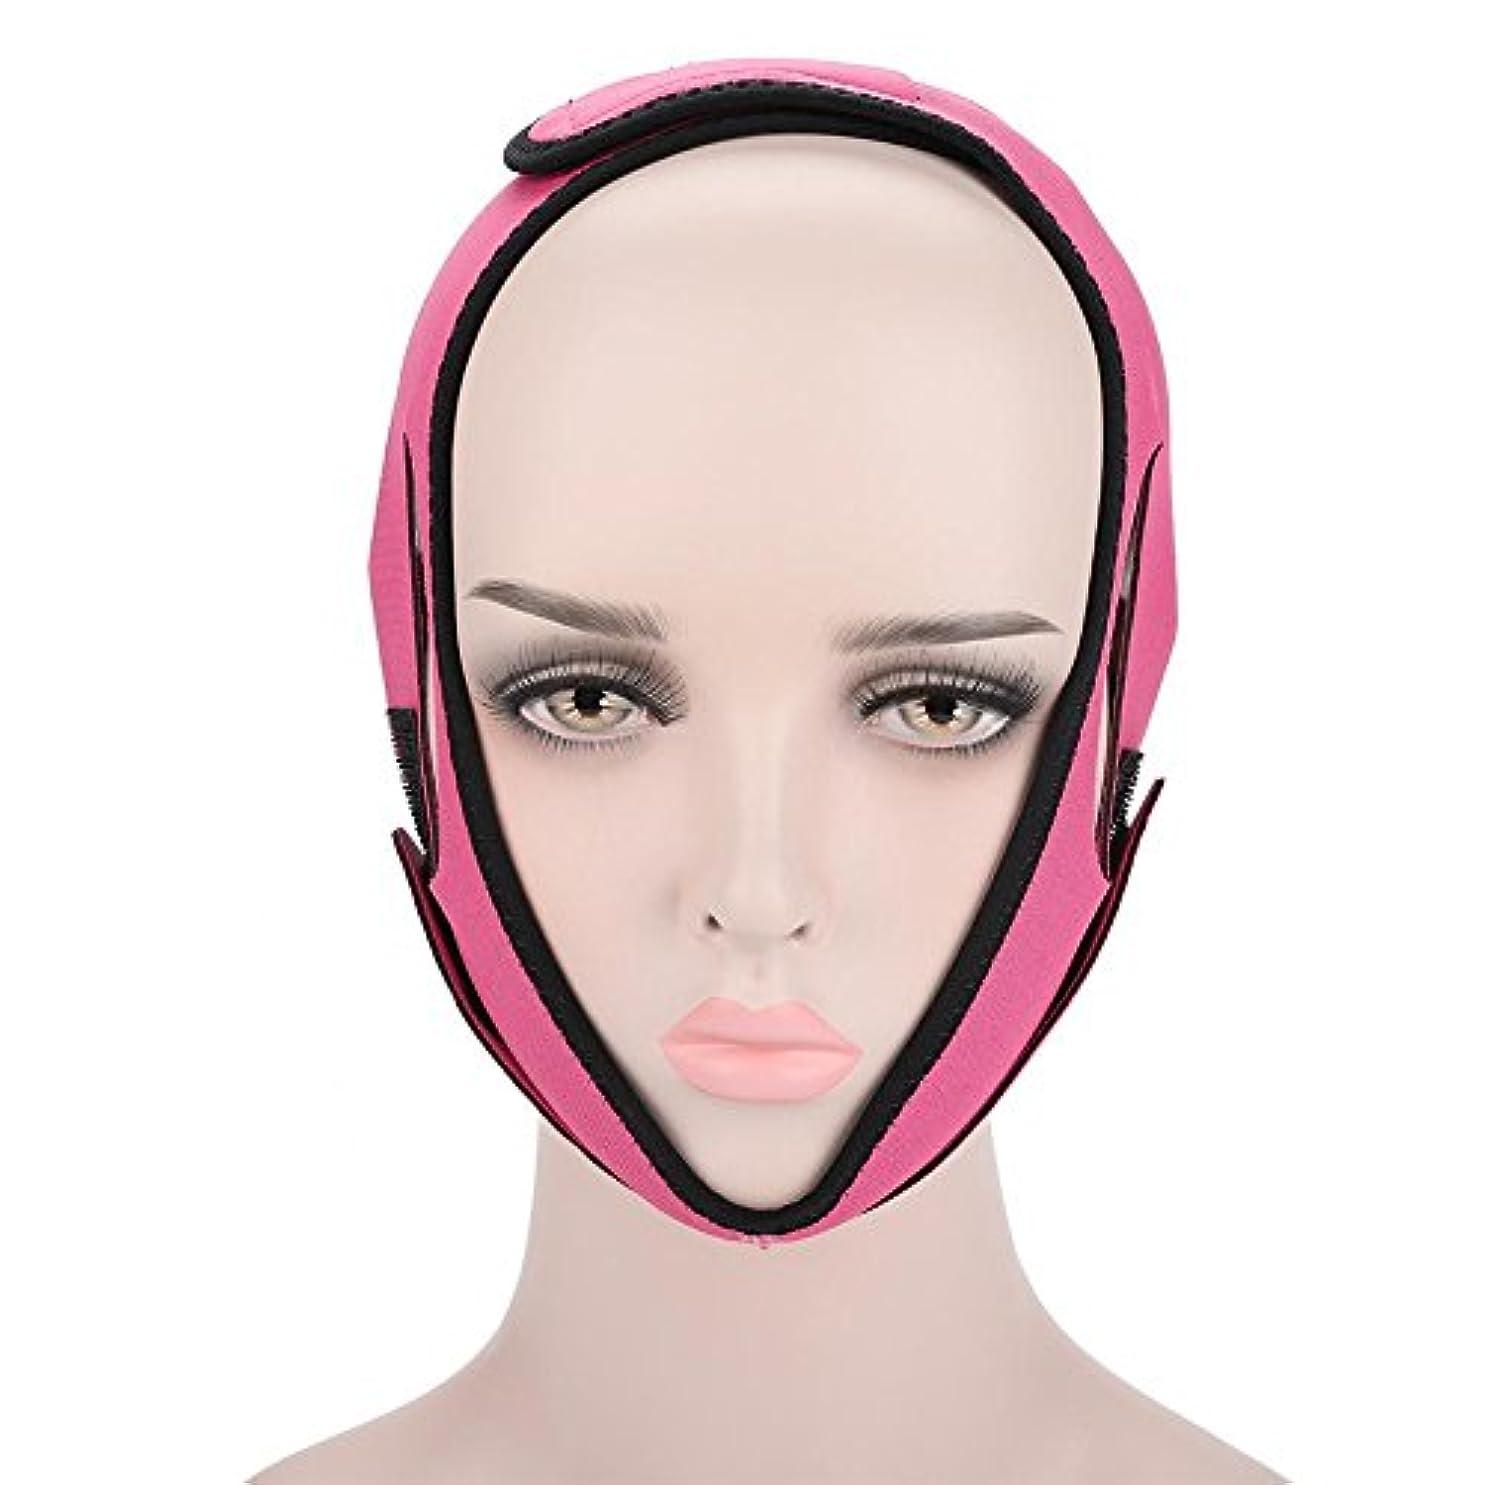 最少多様性カバレッジフェイススリミング包帯 顔の包帯フェイシャルスリミングマスクフェイシャルケアのためのフェイシャルベルト薄い首のフェイスリフトダブルチン女性のための(3#)